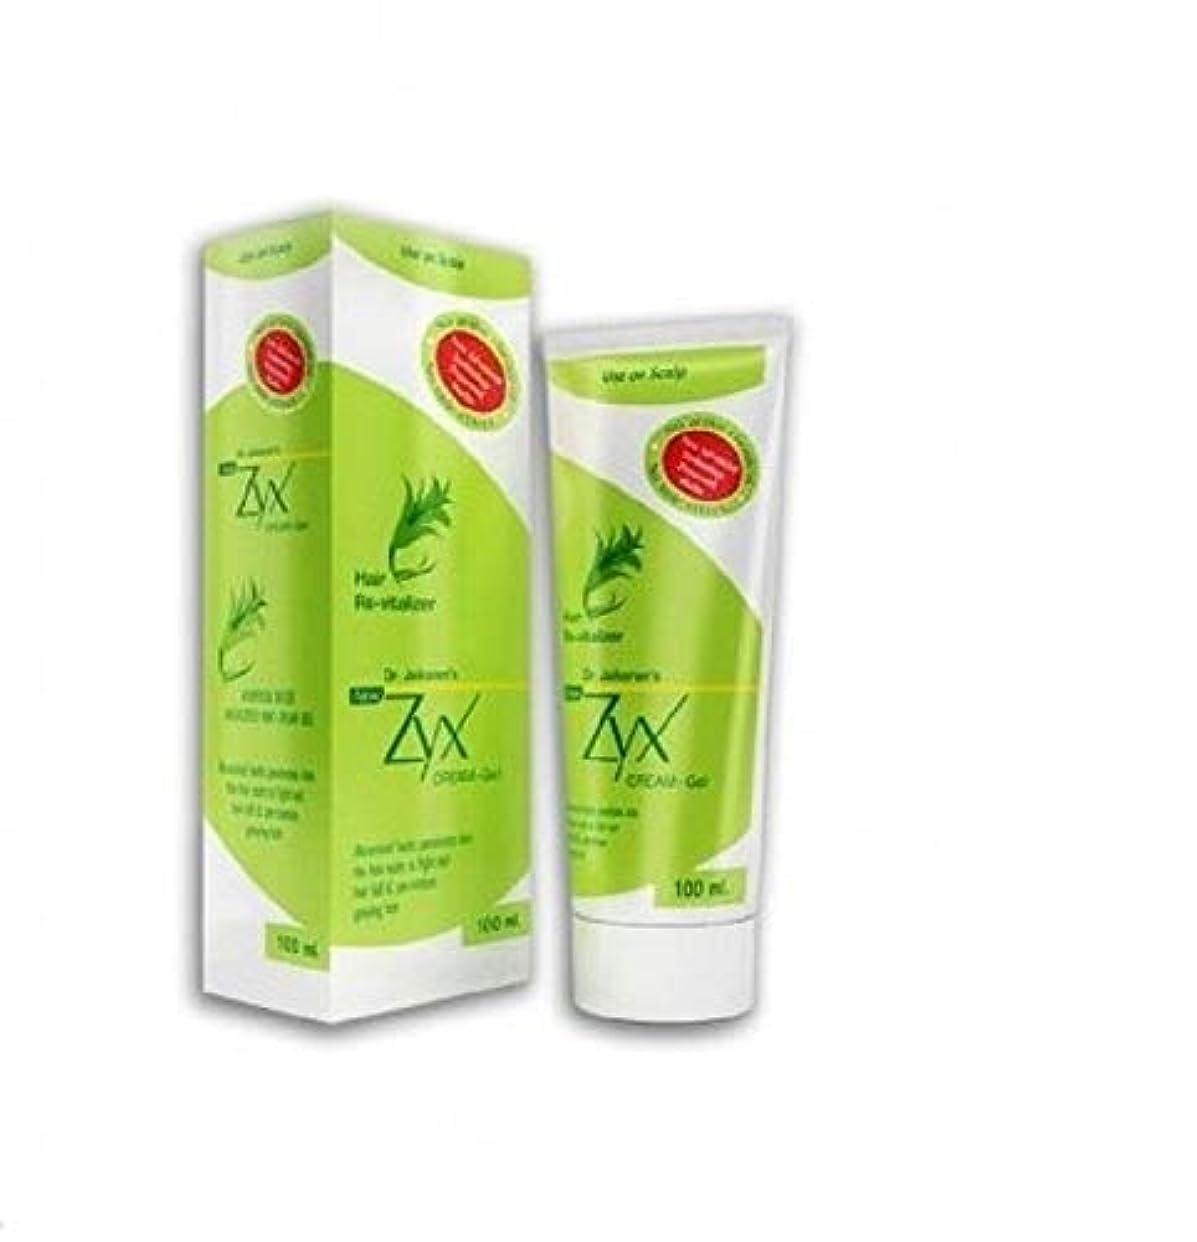 経済ラベンダー遅いHair Cream Gel Zyx ヘアクリームジェル 100ml 100% Natural for prevention of Hair related problems 髪の毛の問題を予防するための100%ナチュラル